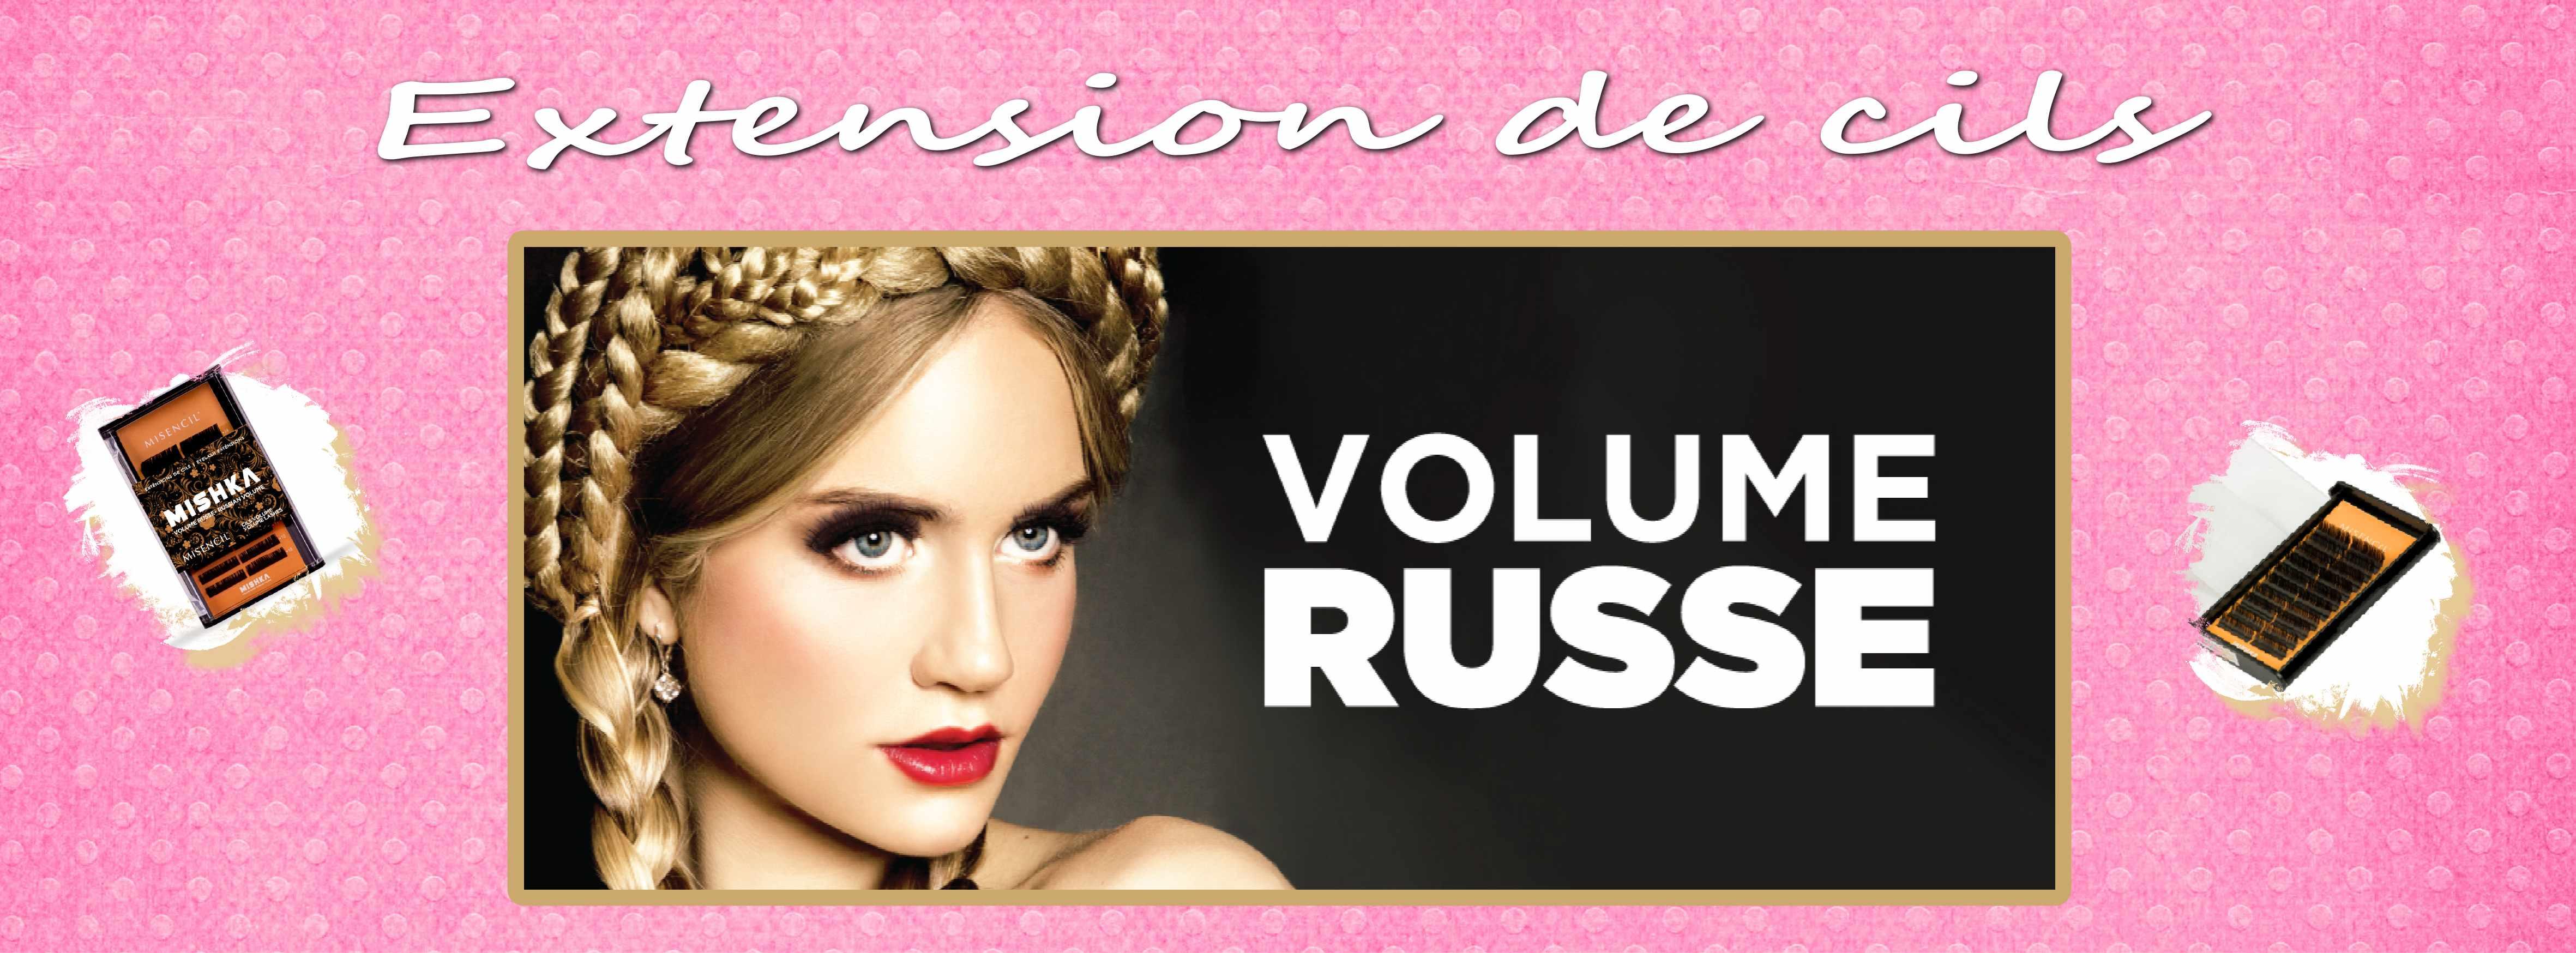 Institut Russe Beaute Tara Volume 5LAR4j